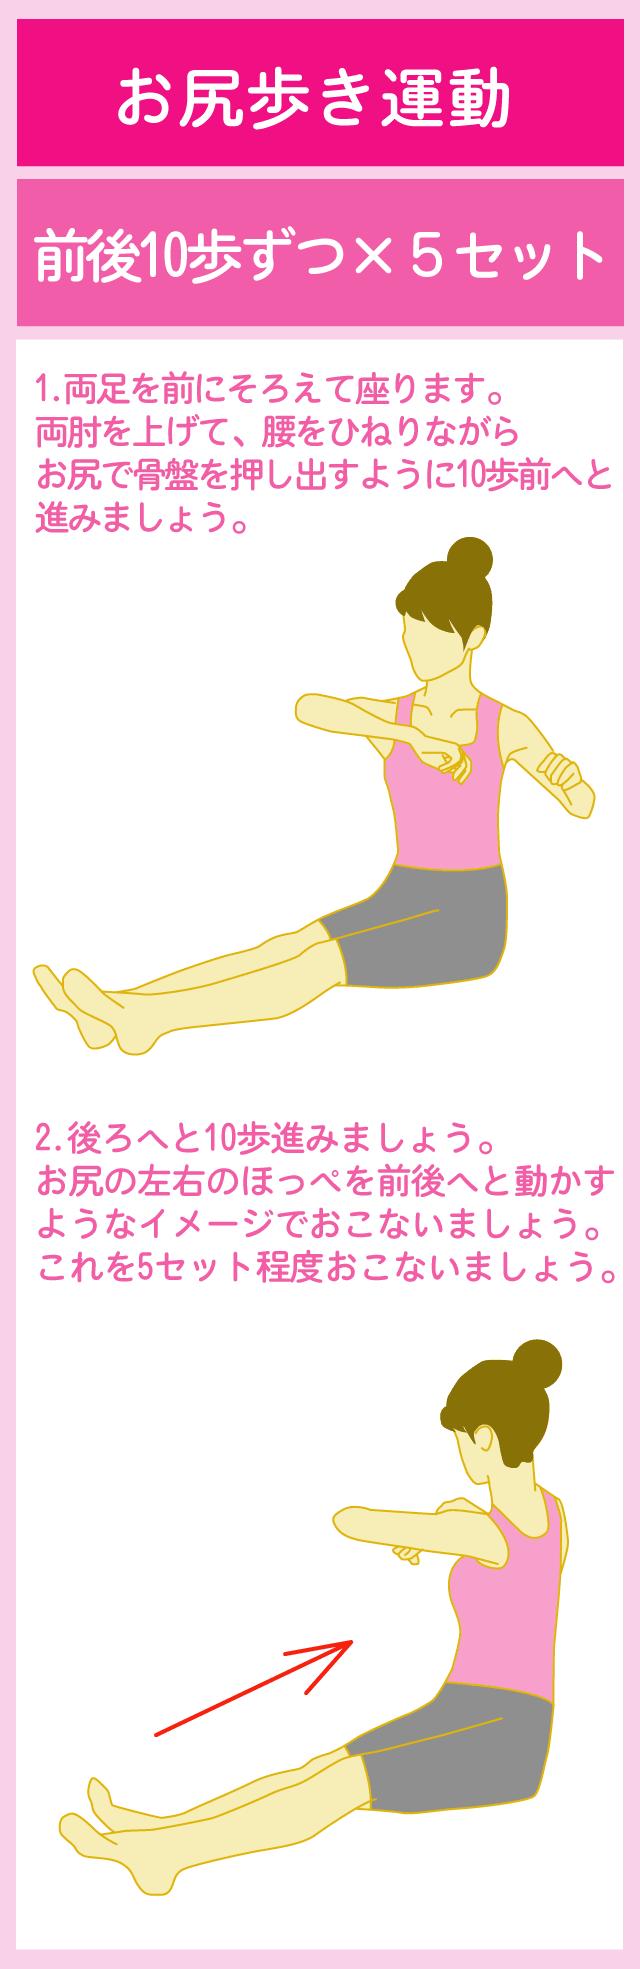 お尻歩き運動